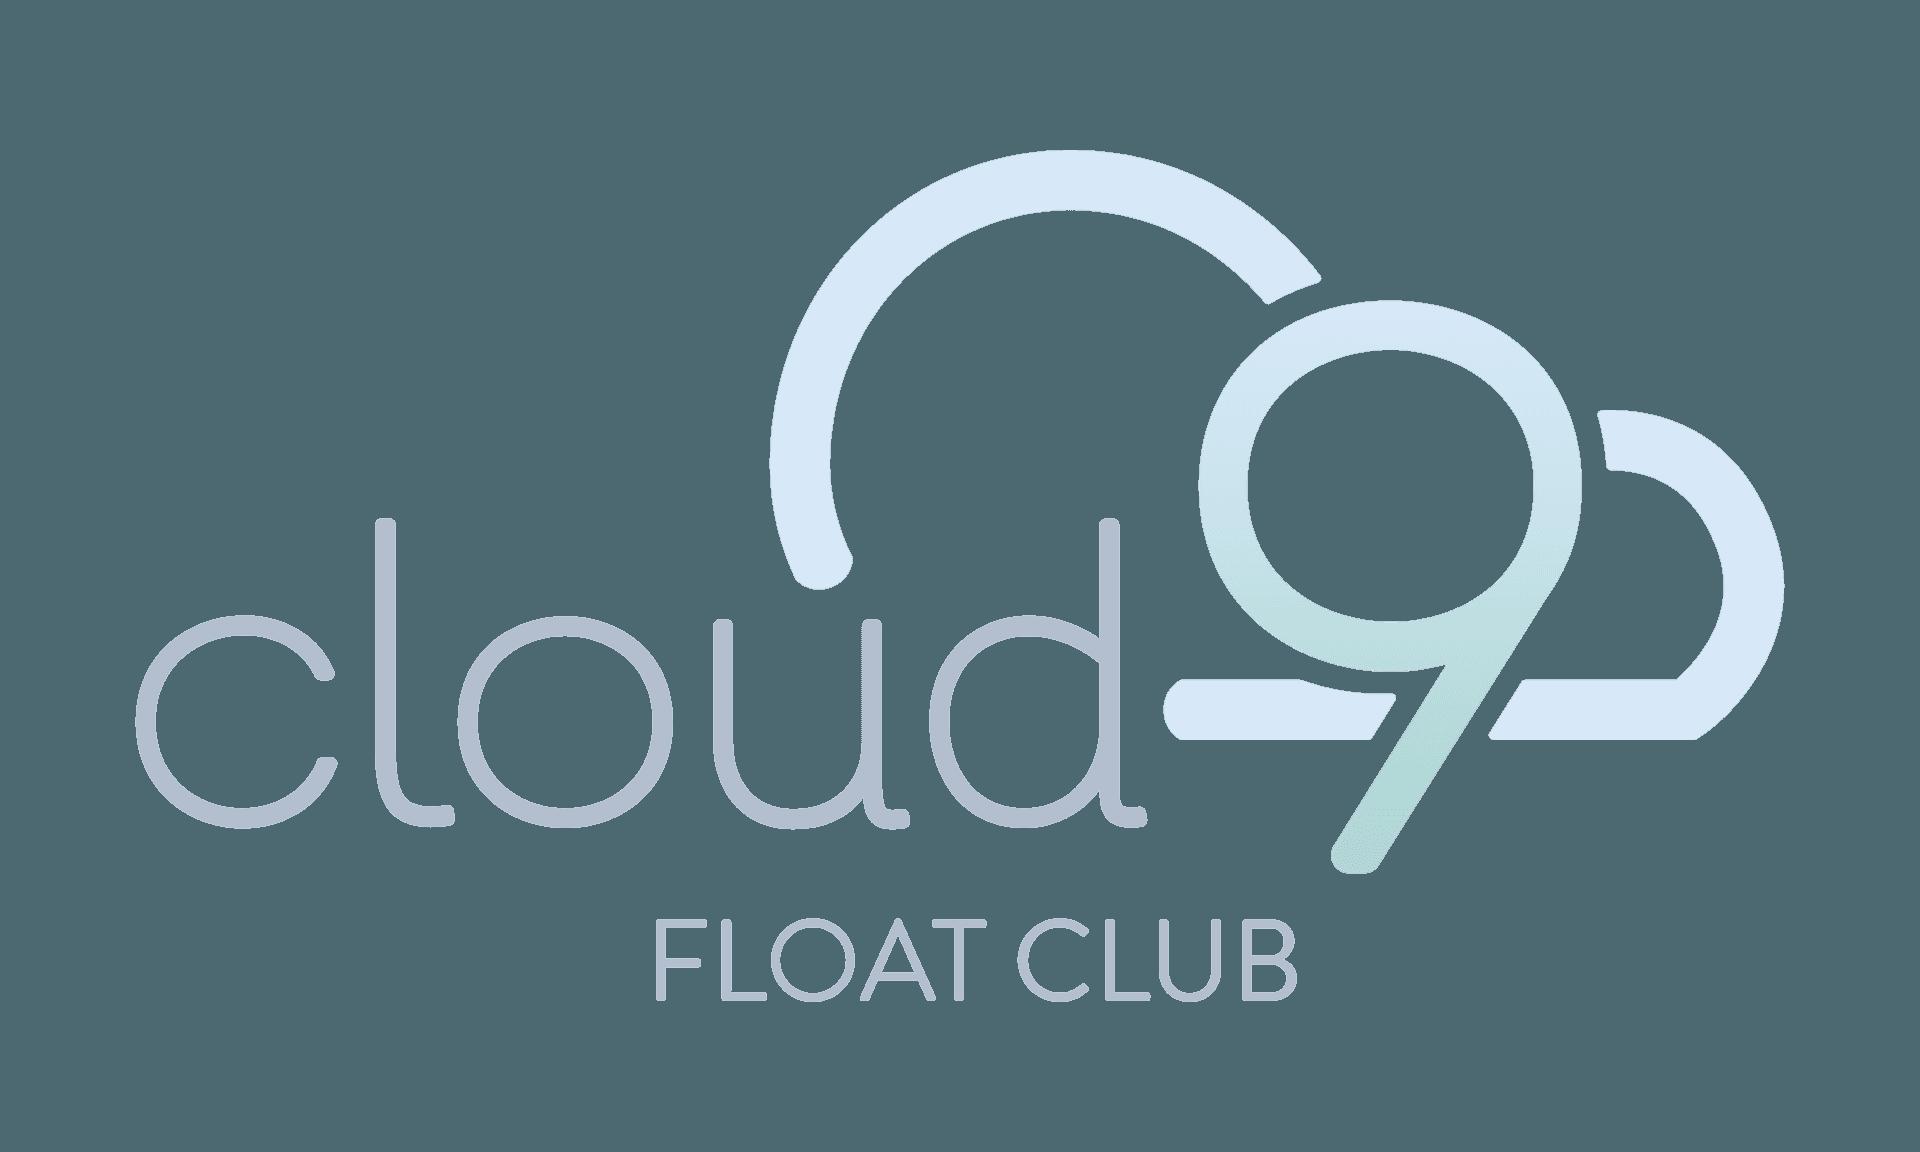 Cloud+9+Concepts-02-3457x2075.png